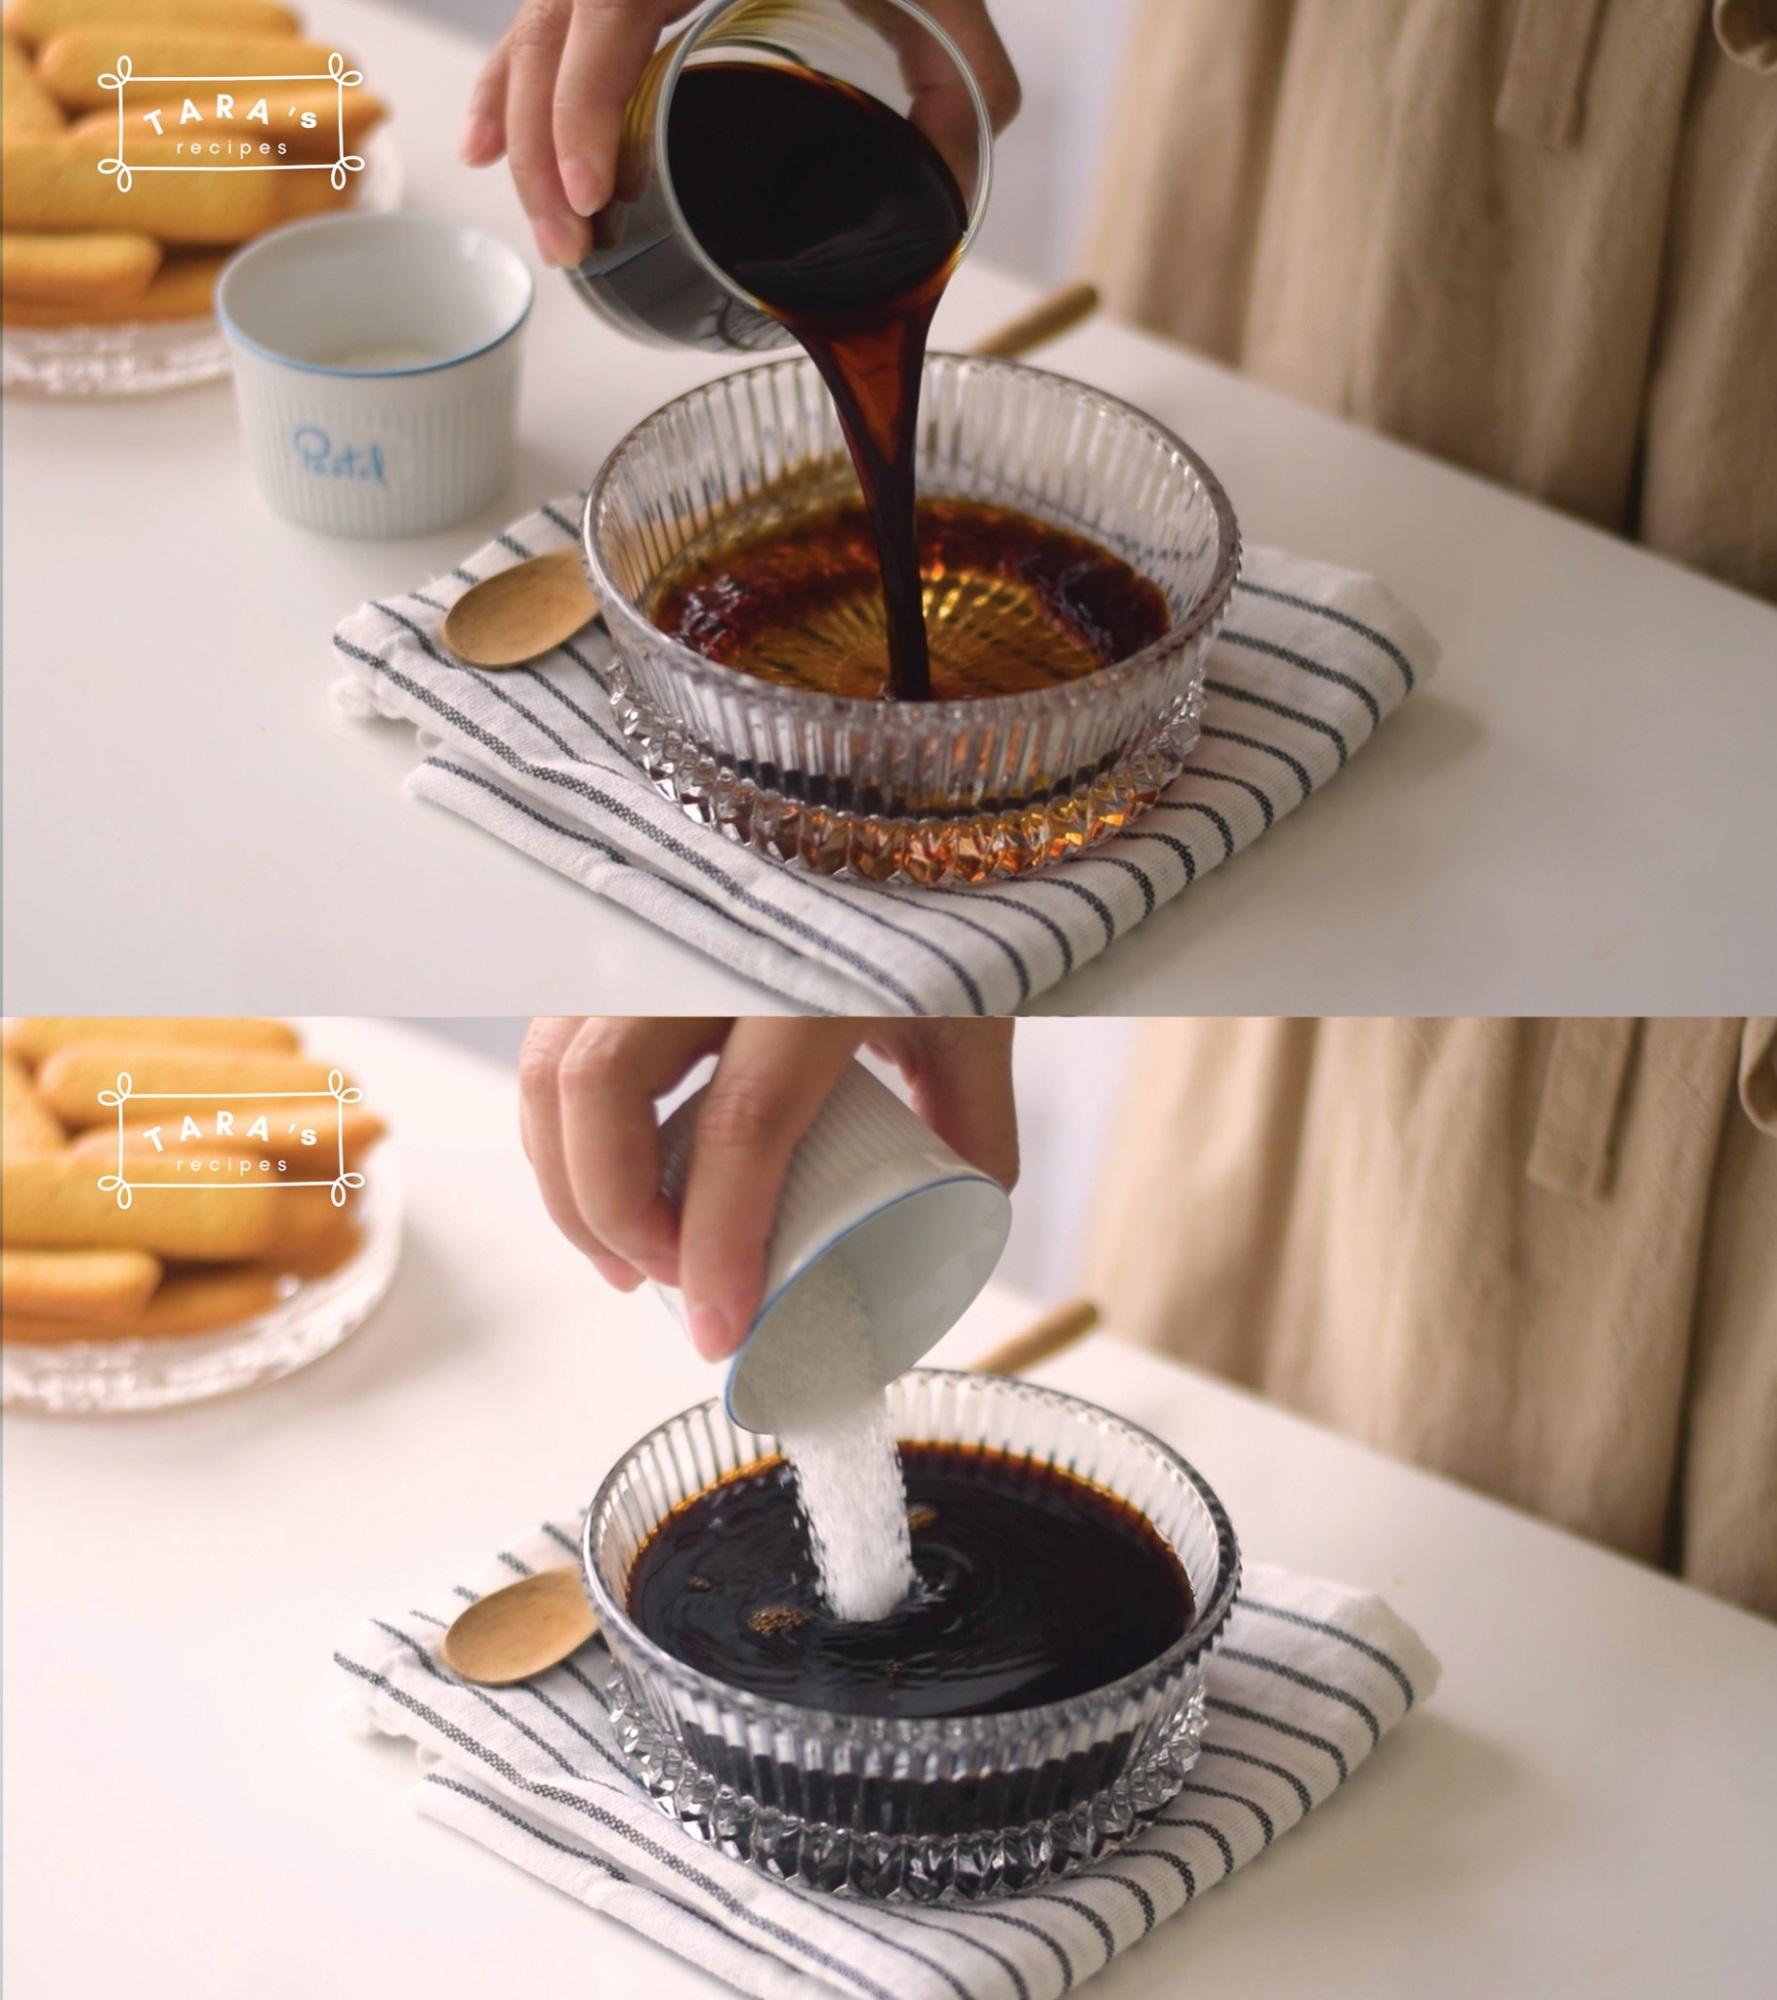 Cách làm bánh Tiramisu 'siêu tốc' - không cần lò nướng, không cần máy đánh trứng, không trứng gà - Ảnh 4